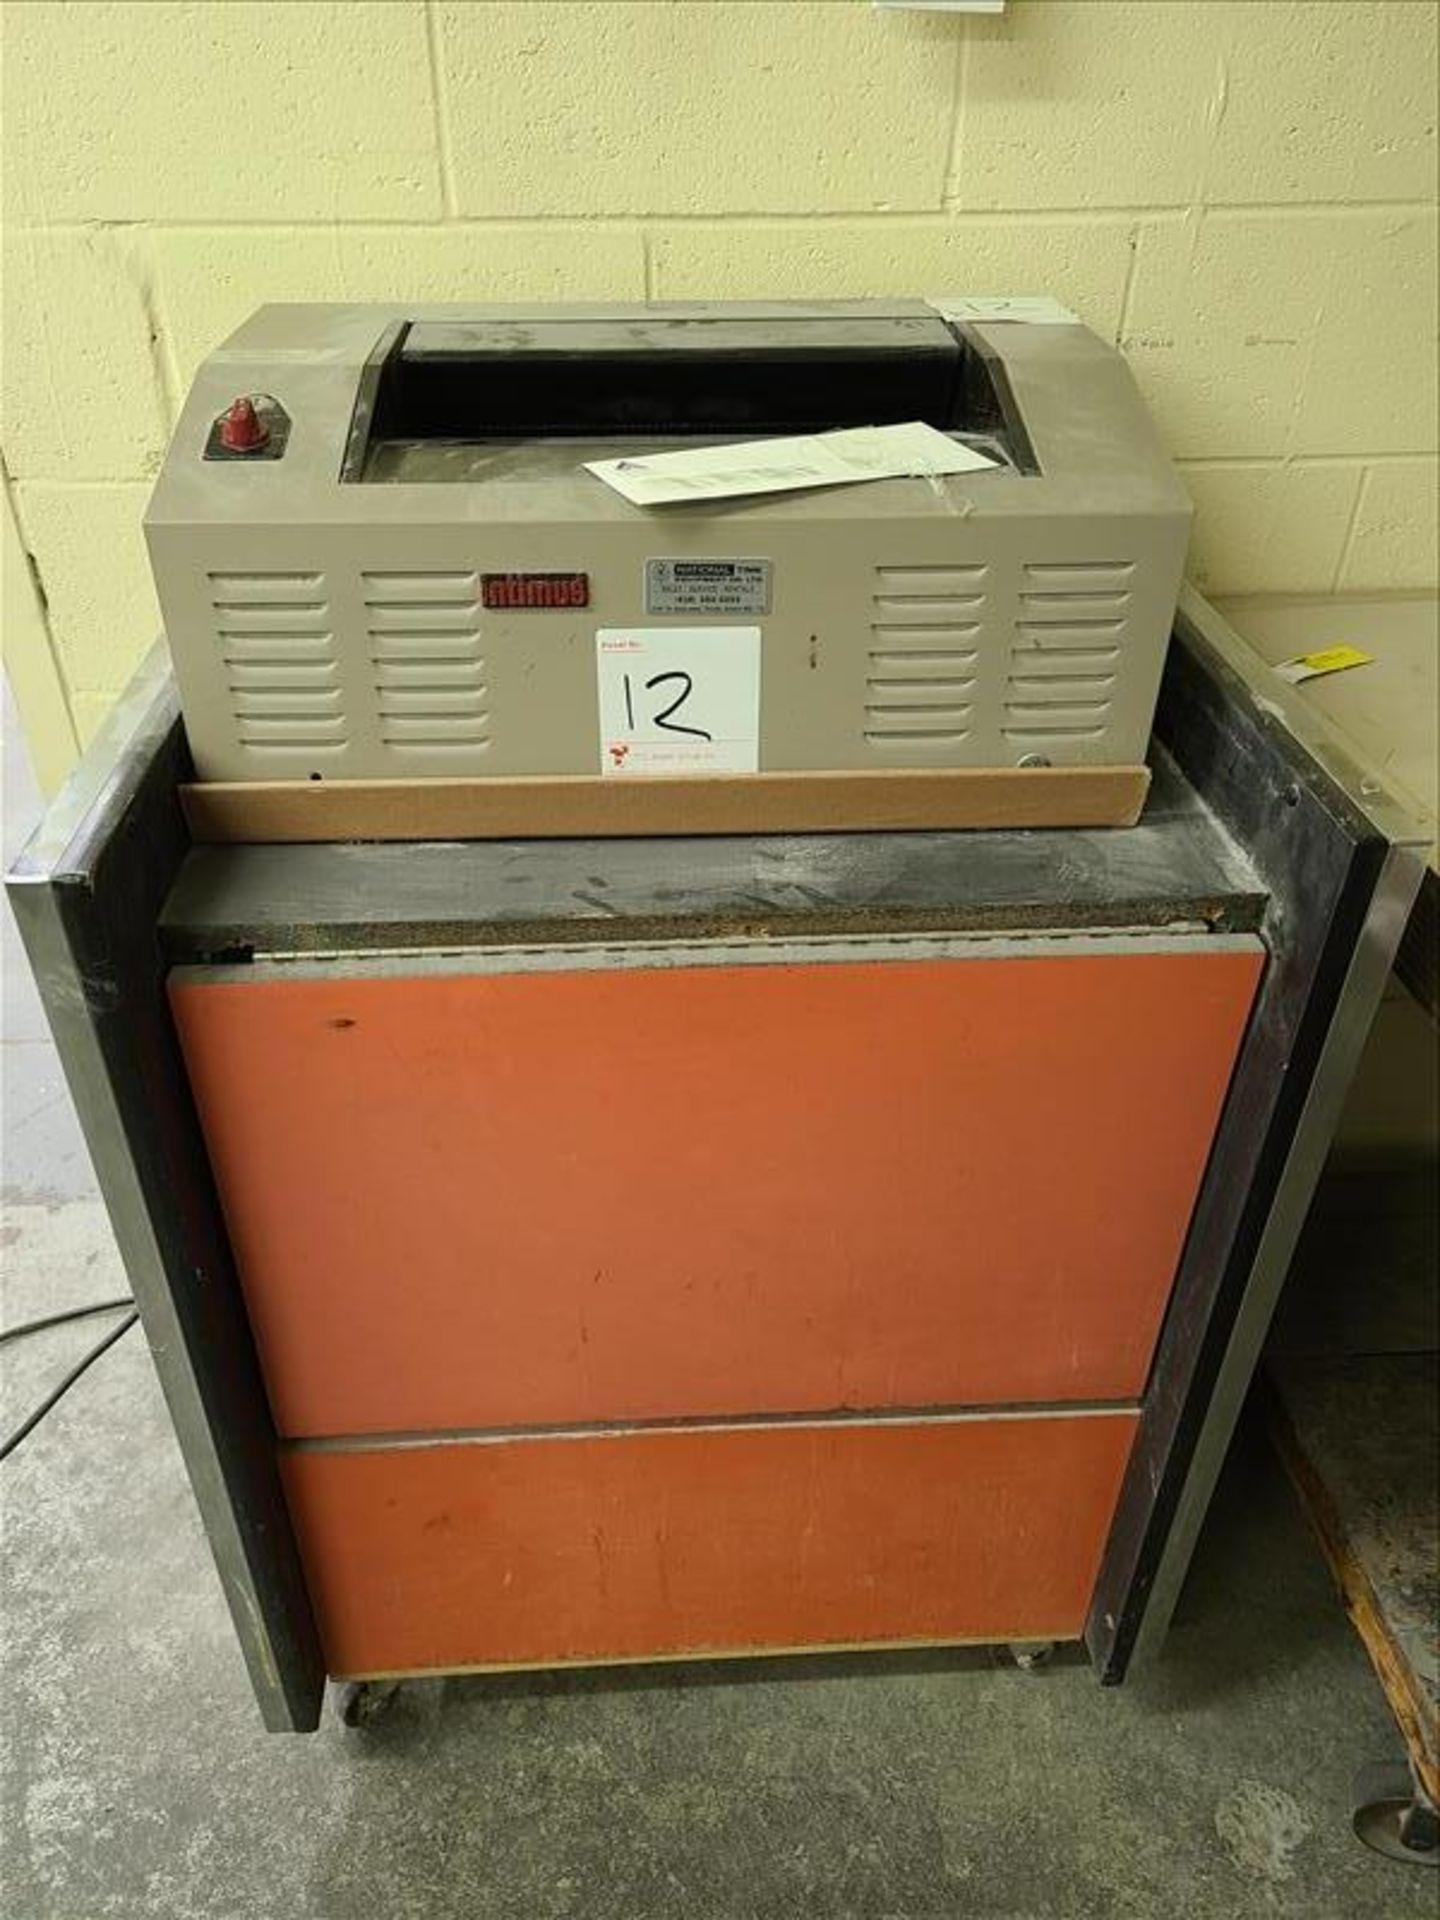 Paper Shredder, model Intimus 407, S/N. 1321100106G, 115V, 60 Hz, 16 amps, 1.5 hp